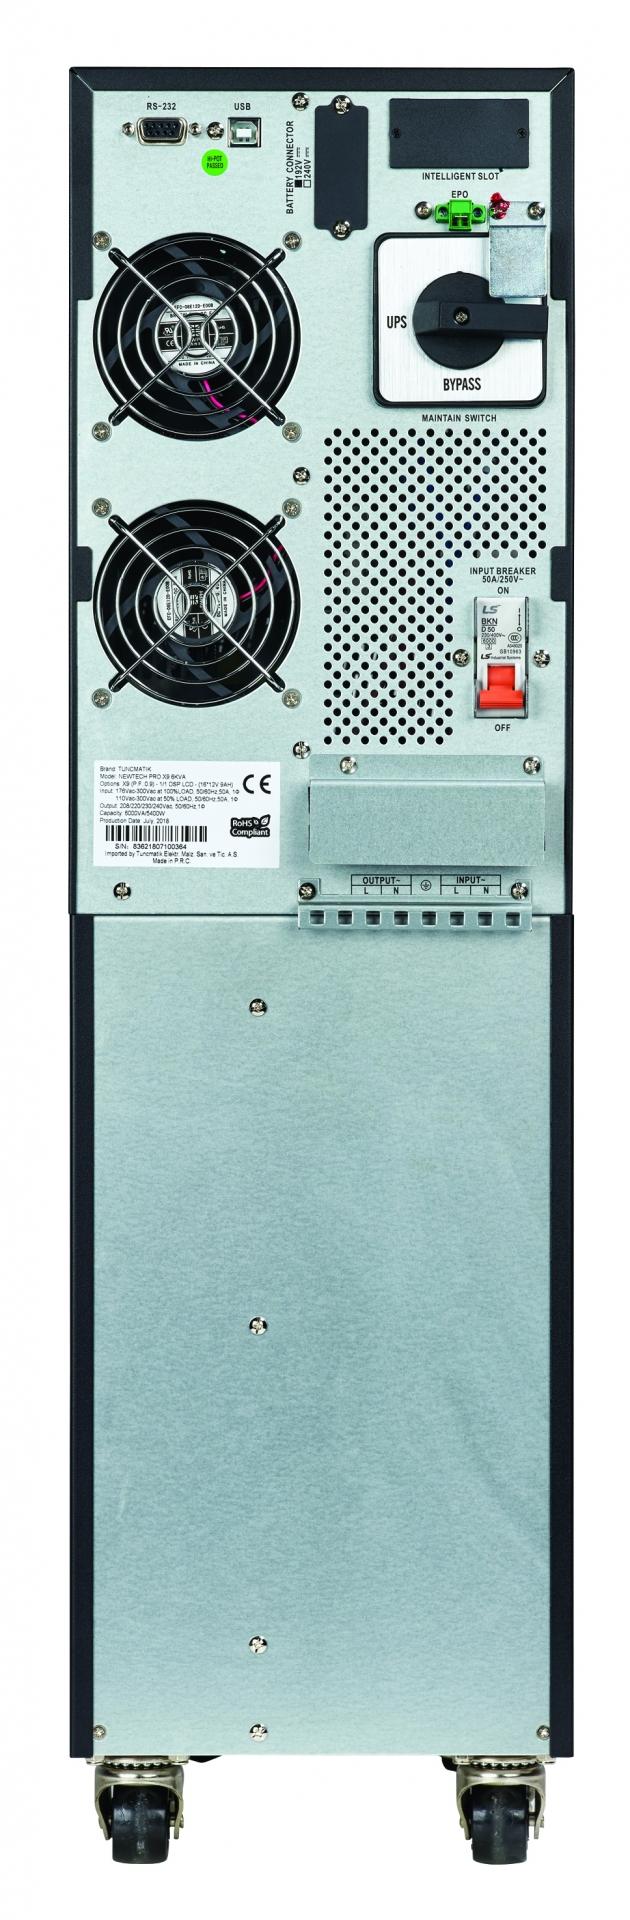 Tunçmatik Newtech Pro X9 6 kVA 1f/1f Kesintisiz Güç Kaynağı (UPS)